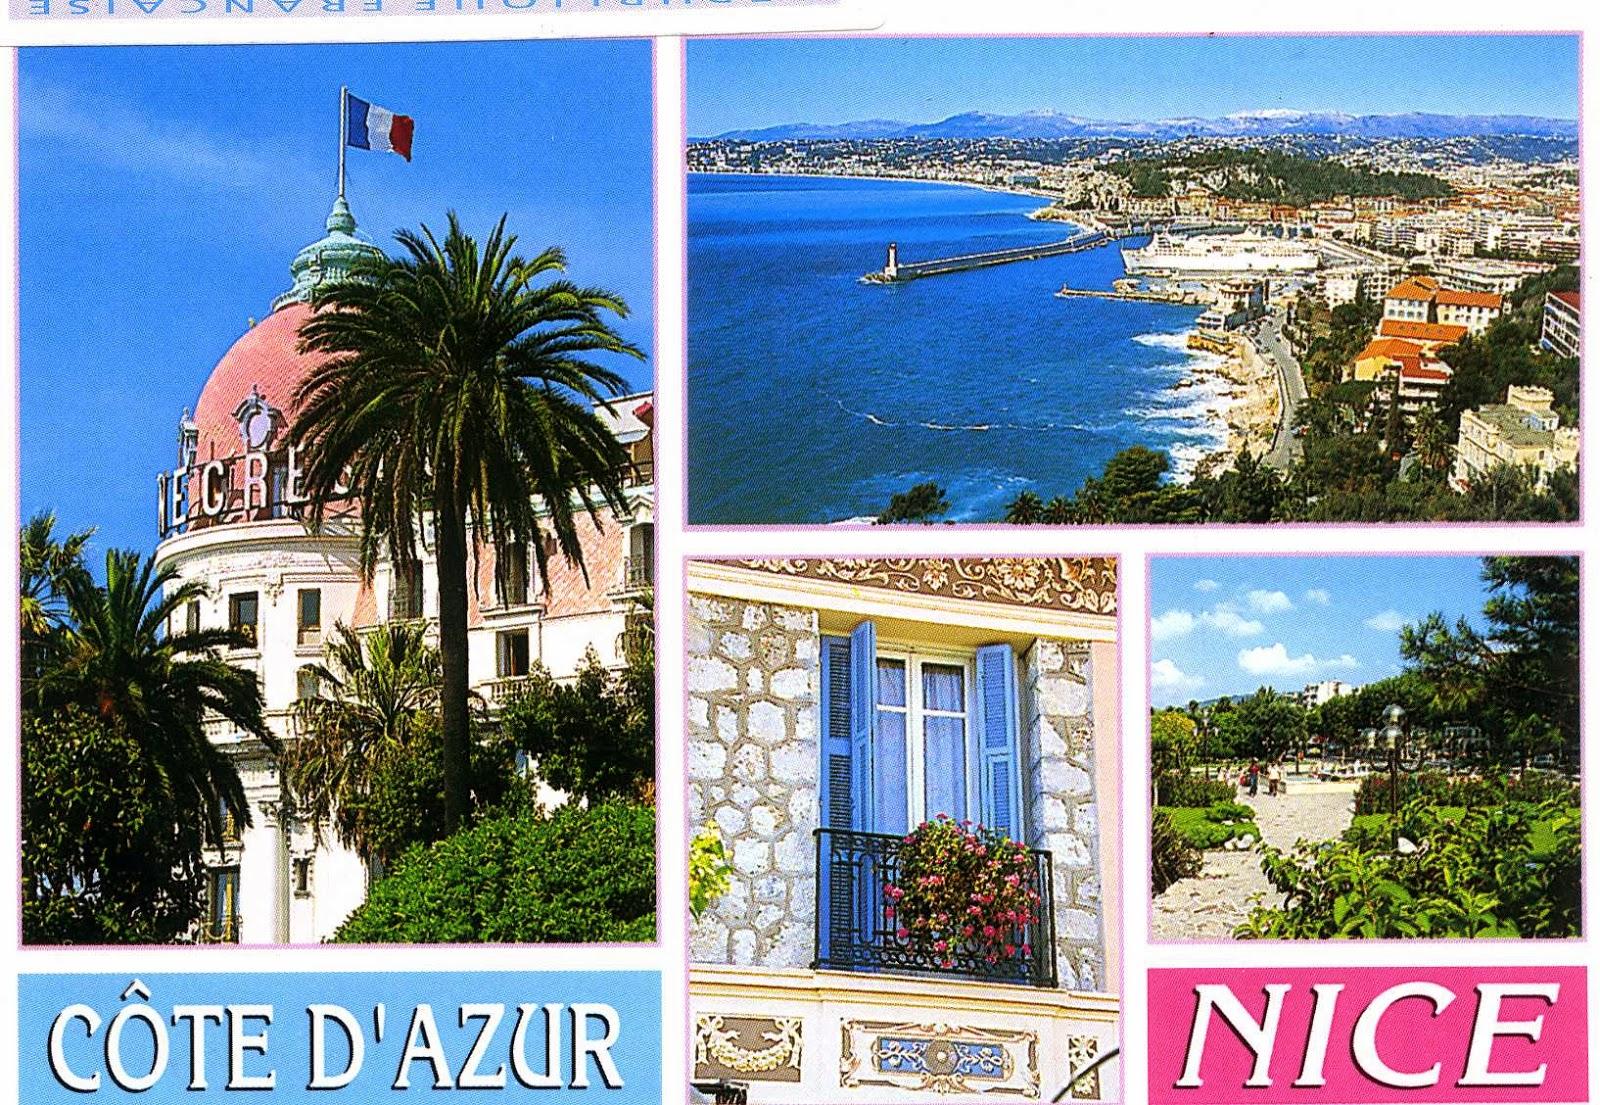 Luna Students Room Postcard From Cote DAzur Nice France